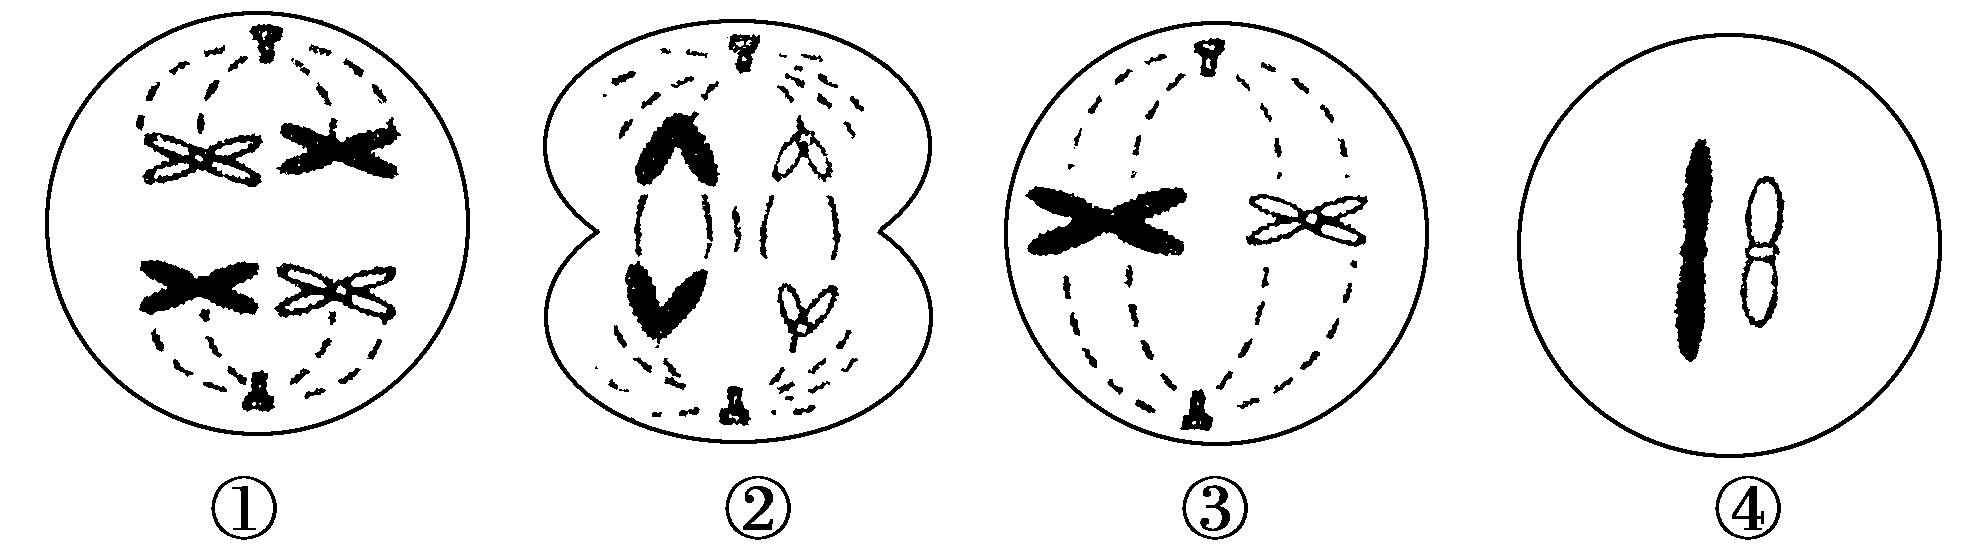 生物必修二第二章基因与染色体的关系综合测试